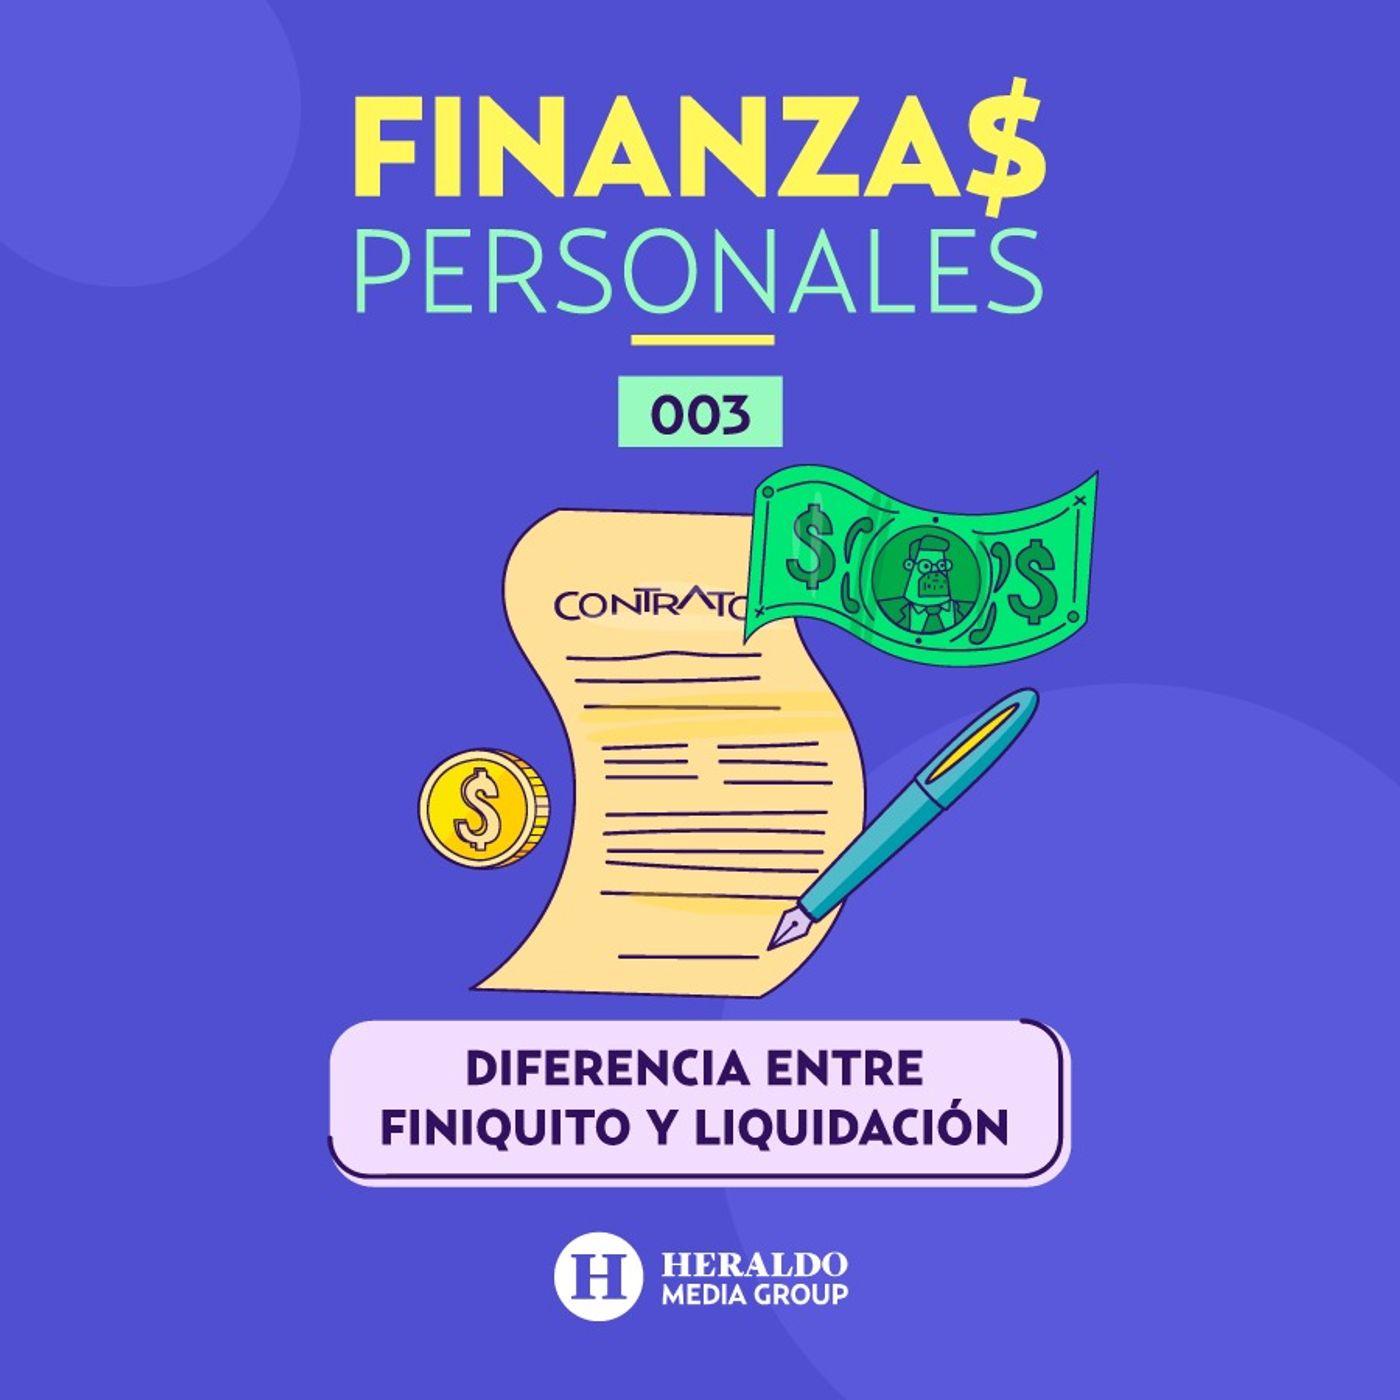 Finiquito y Liquidación | Finanzas personales: ¿qué es y cuánto deben pagarte?